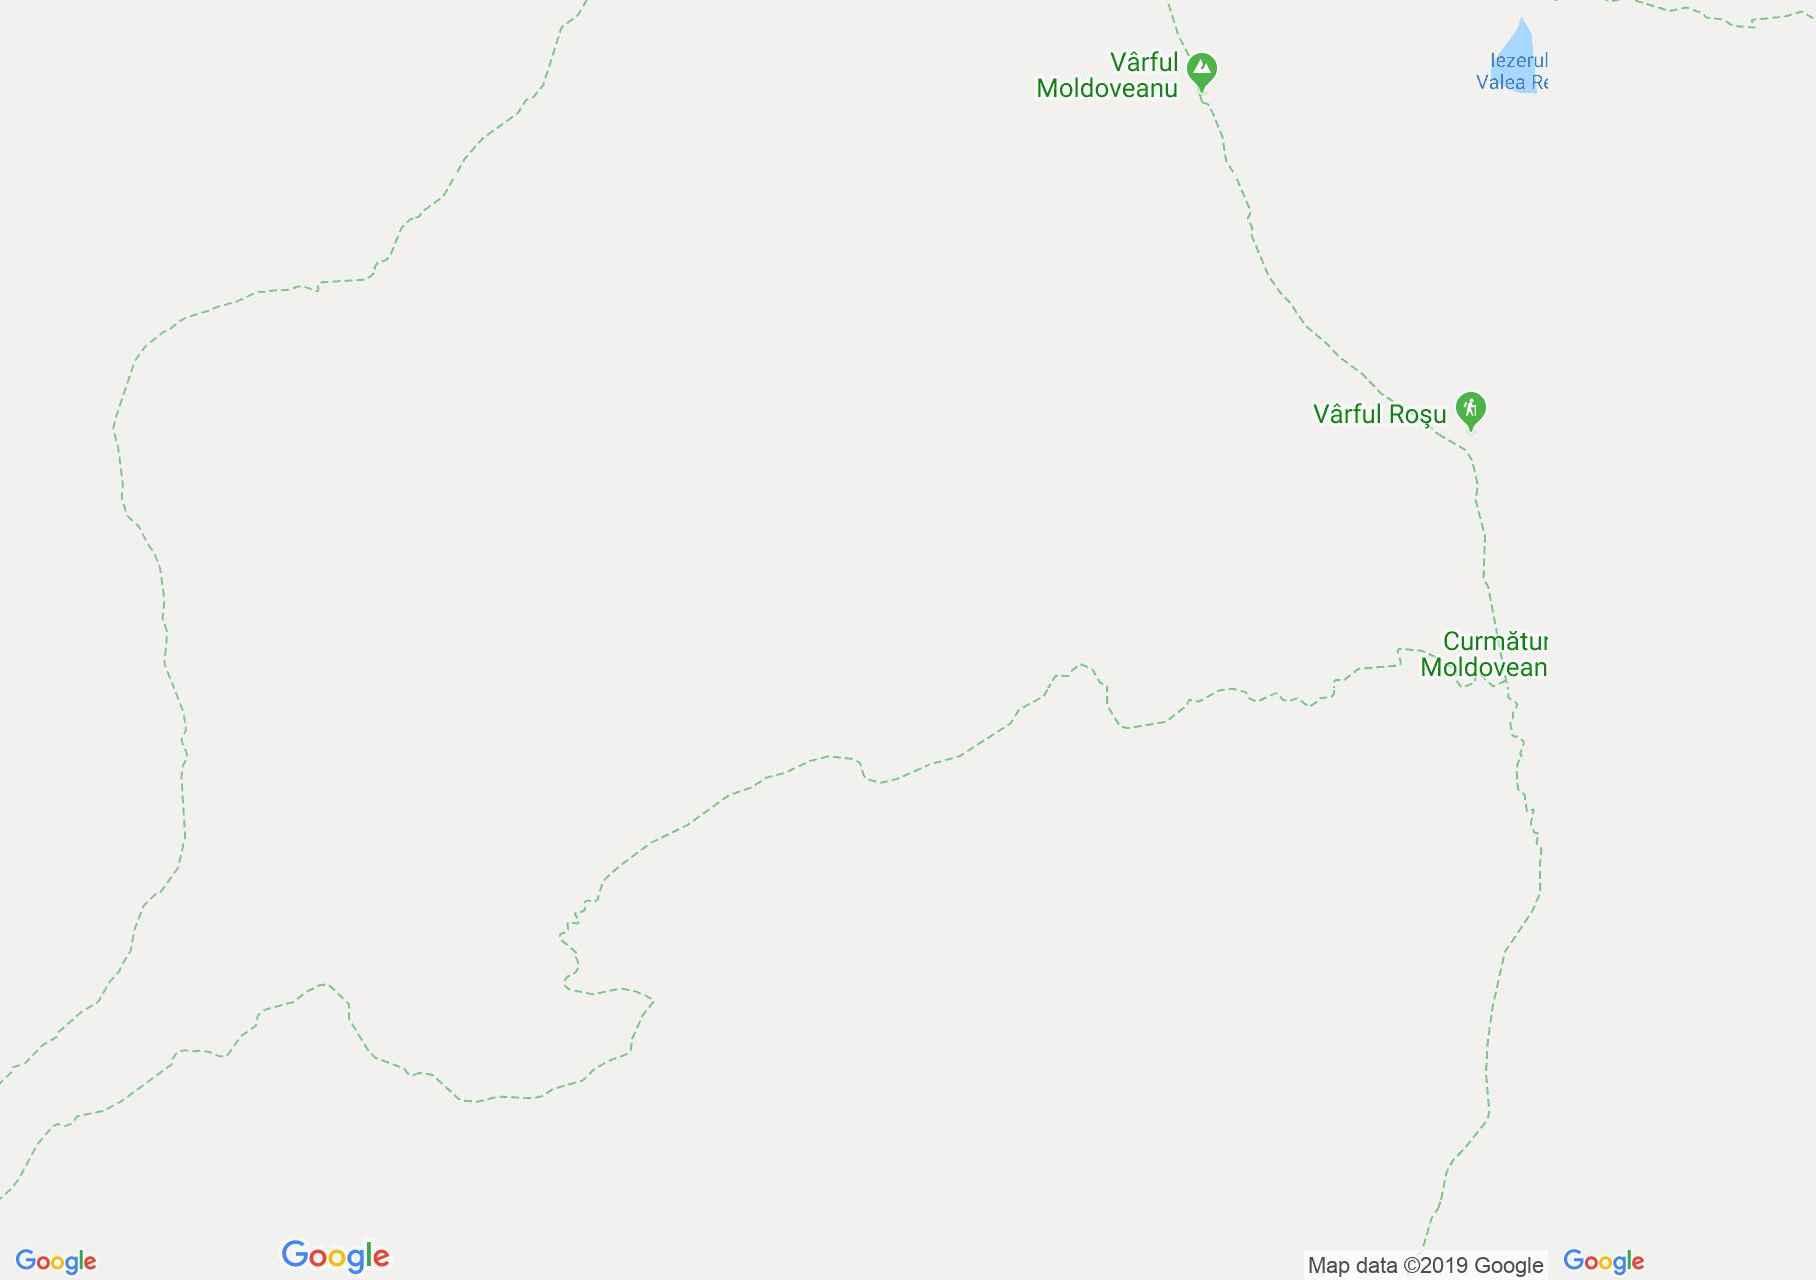 Hartă Munţii Făgăraş: Stânele din Podul Giurgiului - Curmătura Moldoveanu